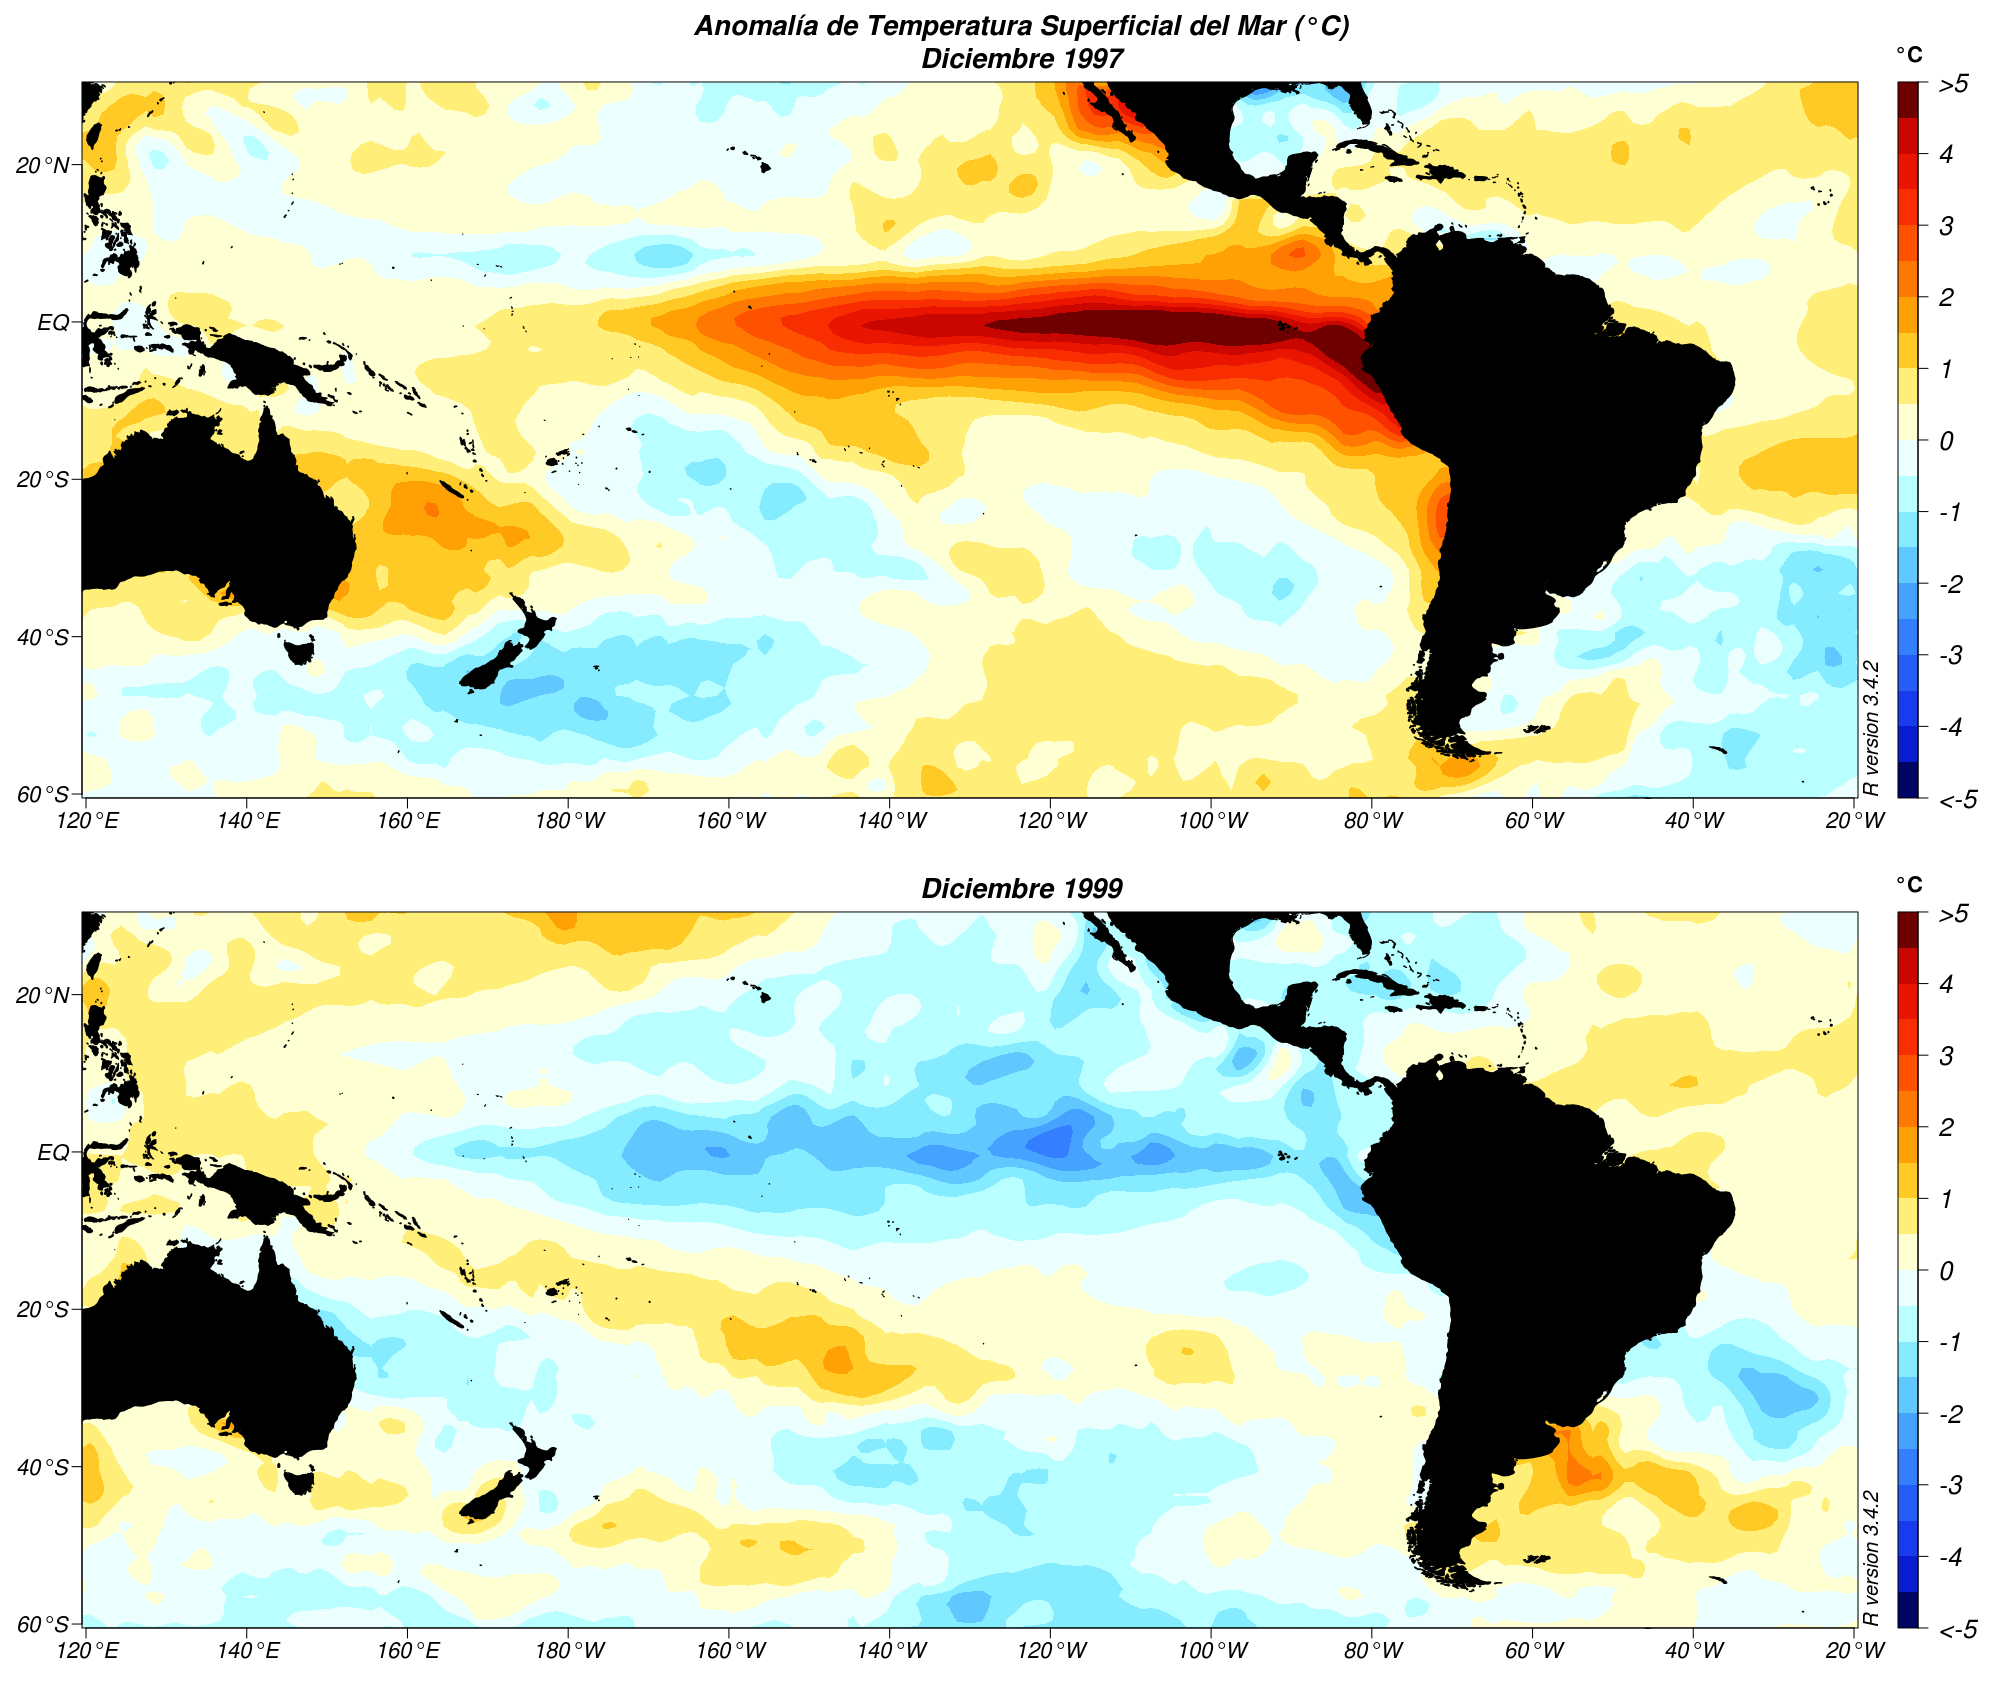 Anomalías de Temperatura Superficial del Mar en un evento El Niño y en un evento La Niña.